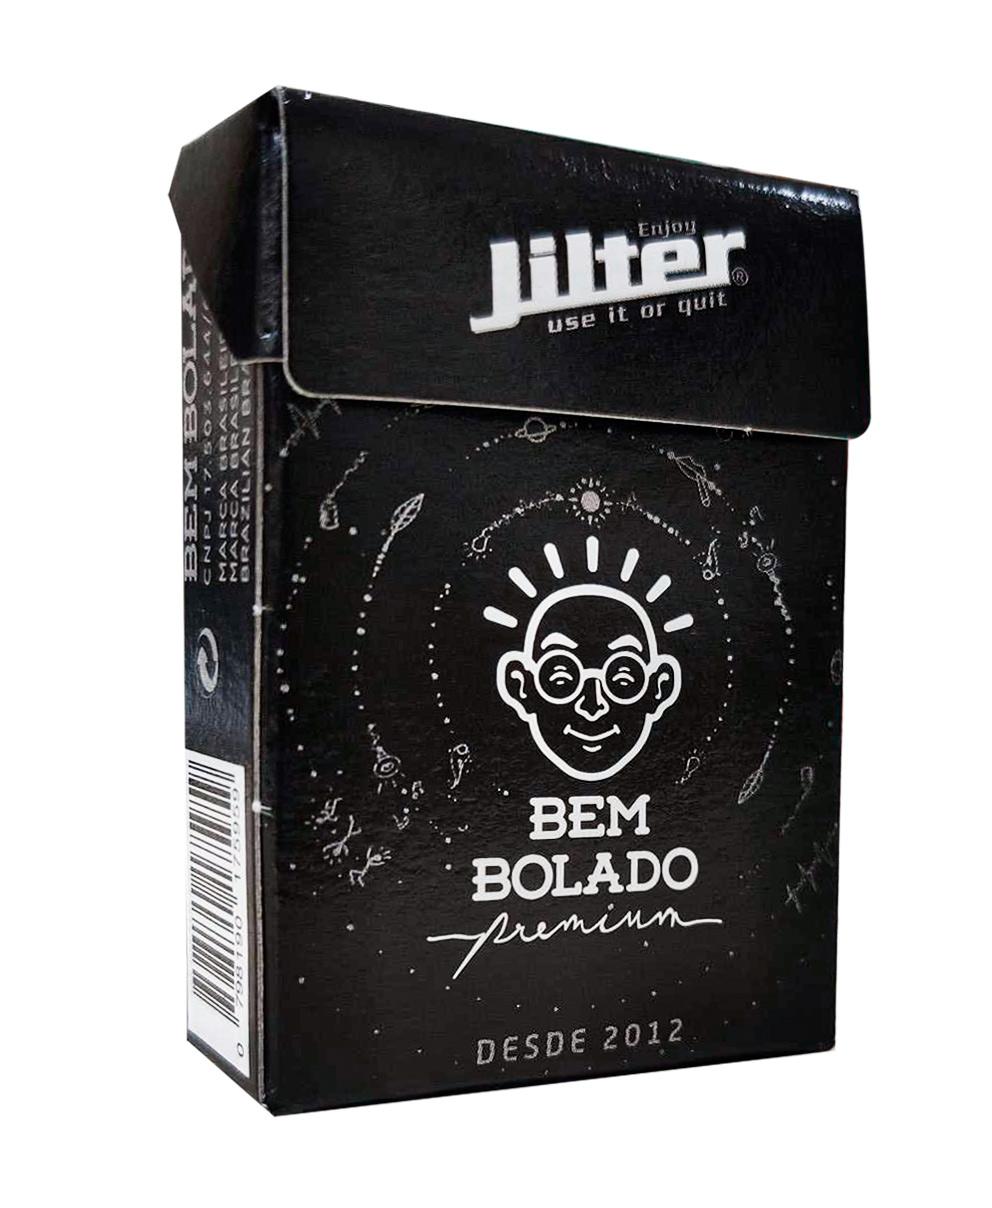 Filtro Bem Bolado - JILTER